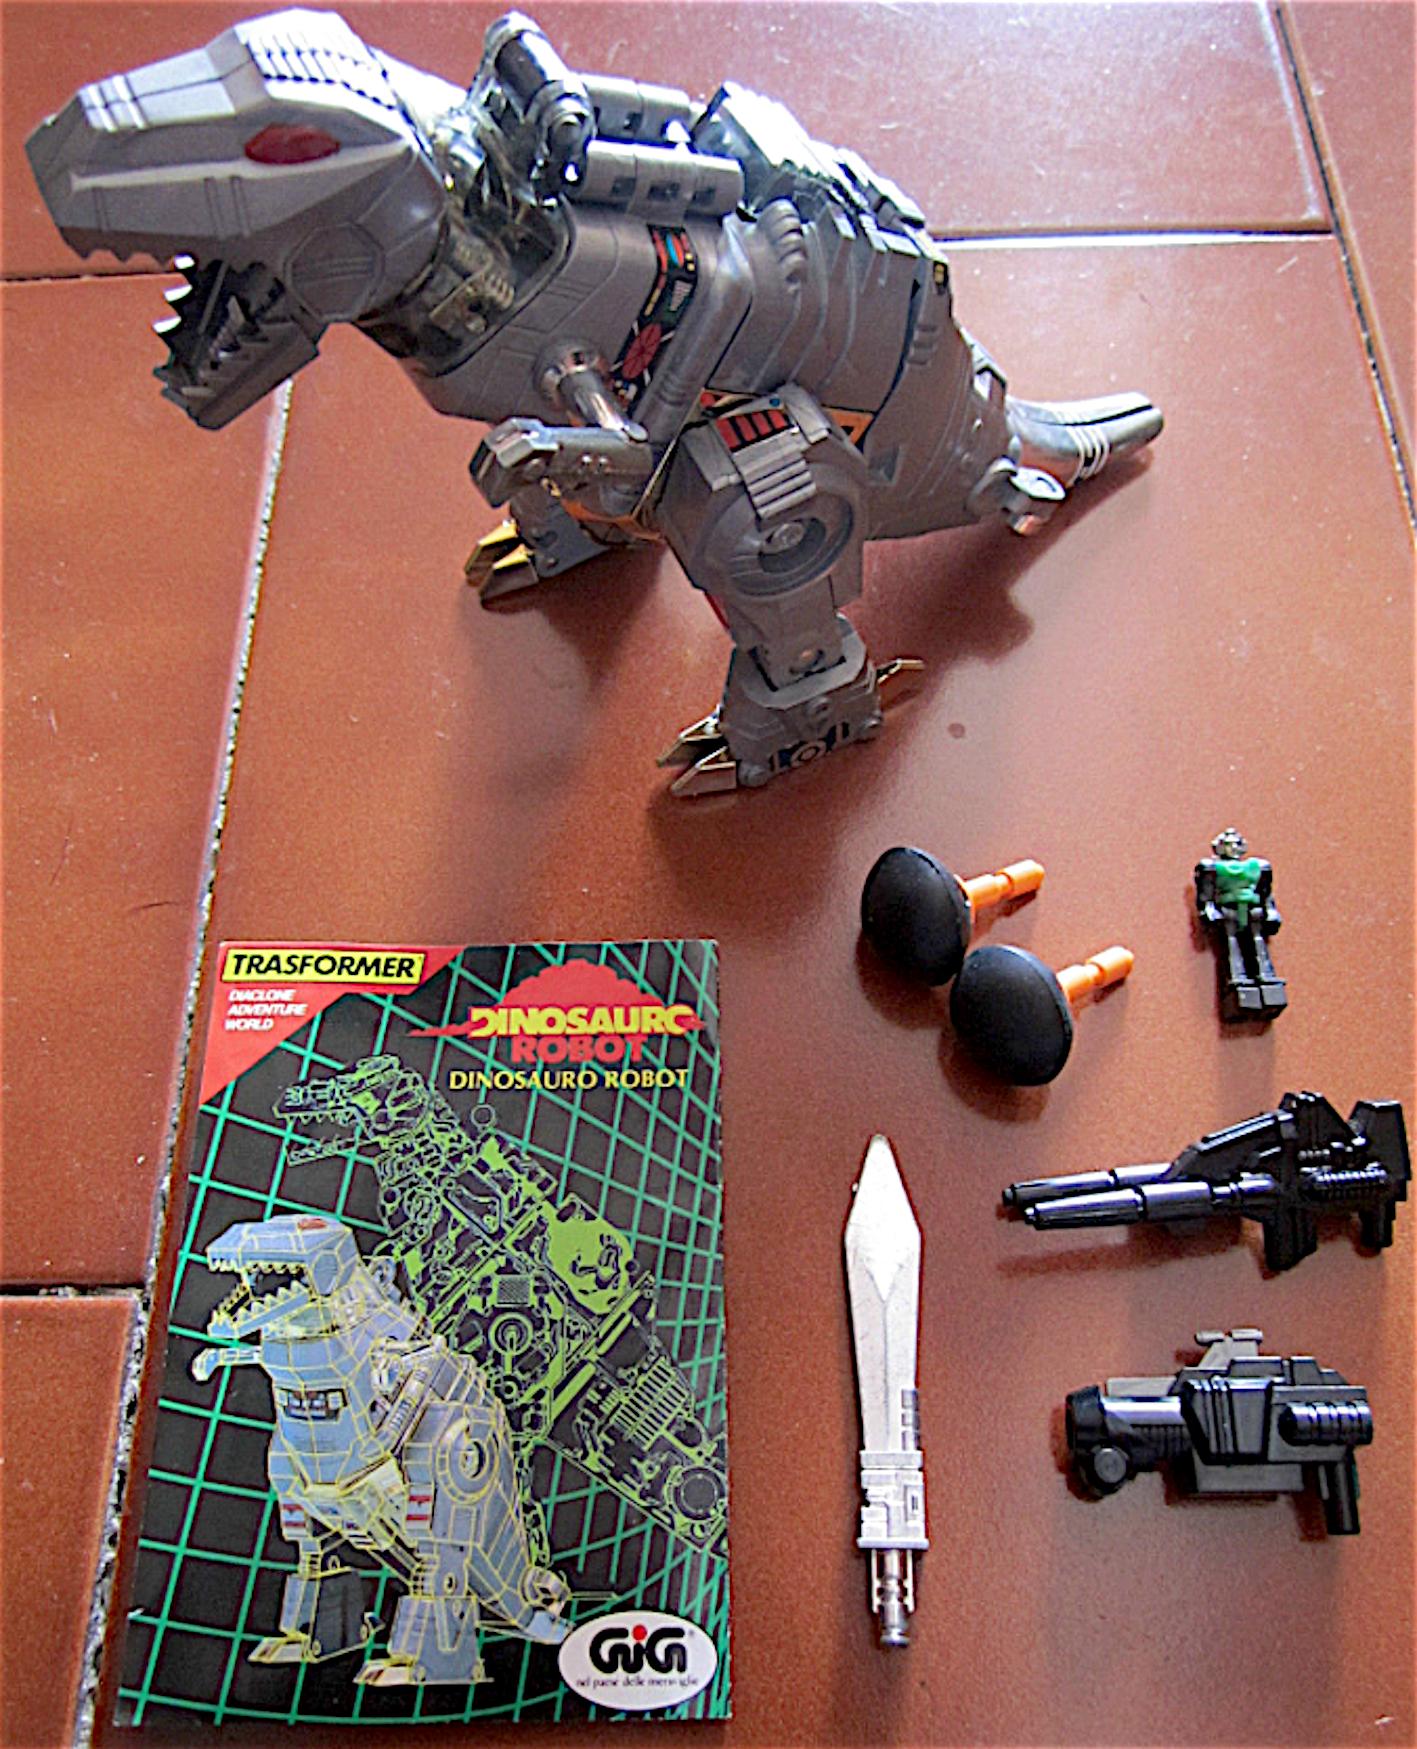 diaclone_transformer_dinosauro_